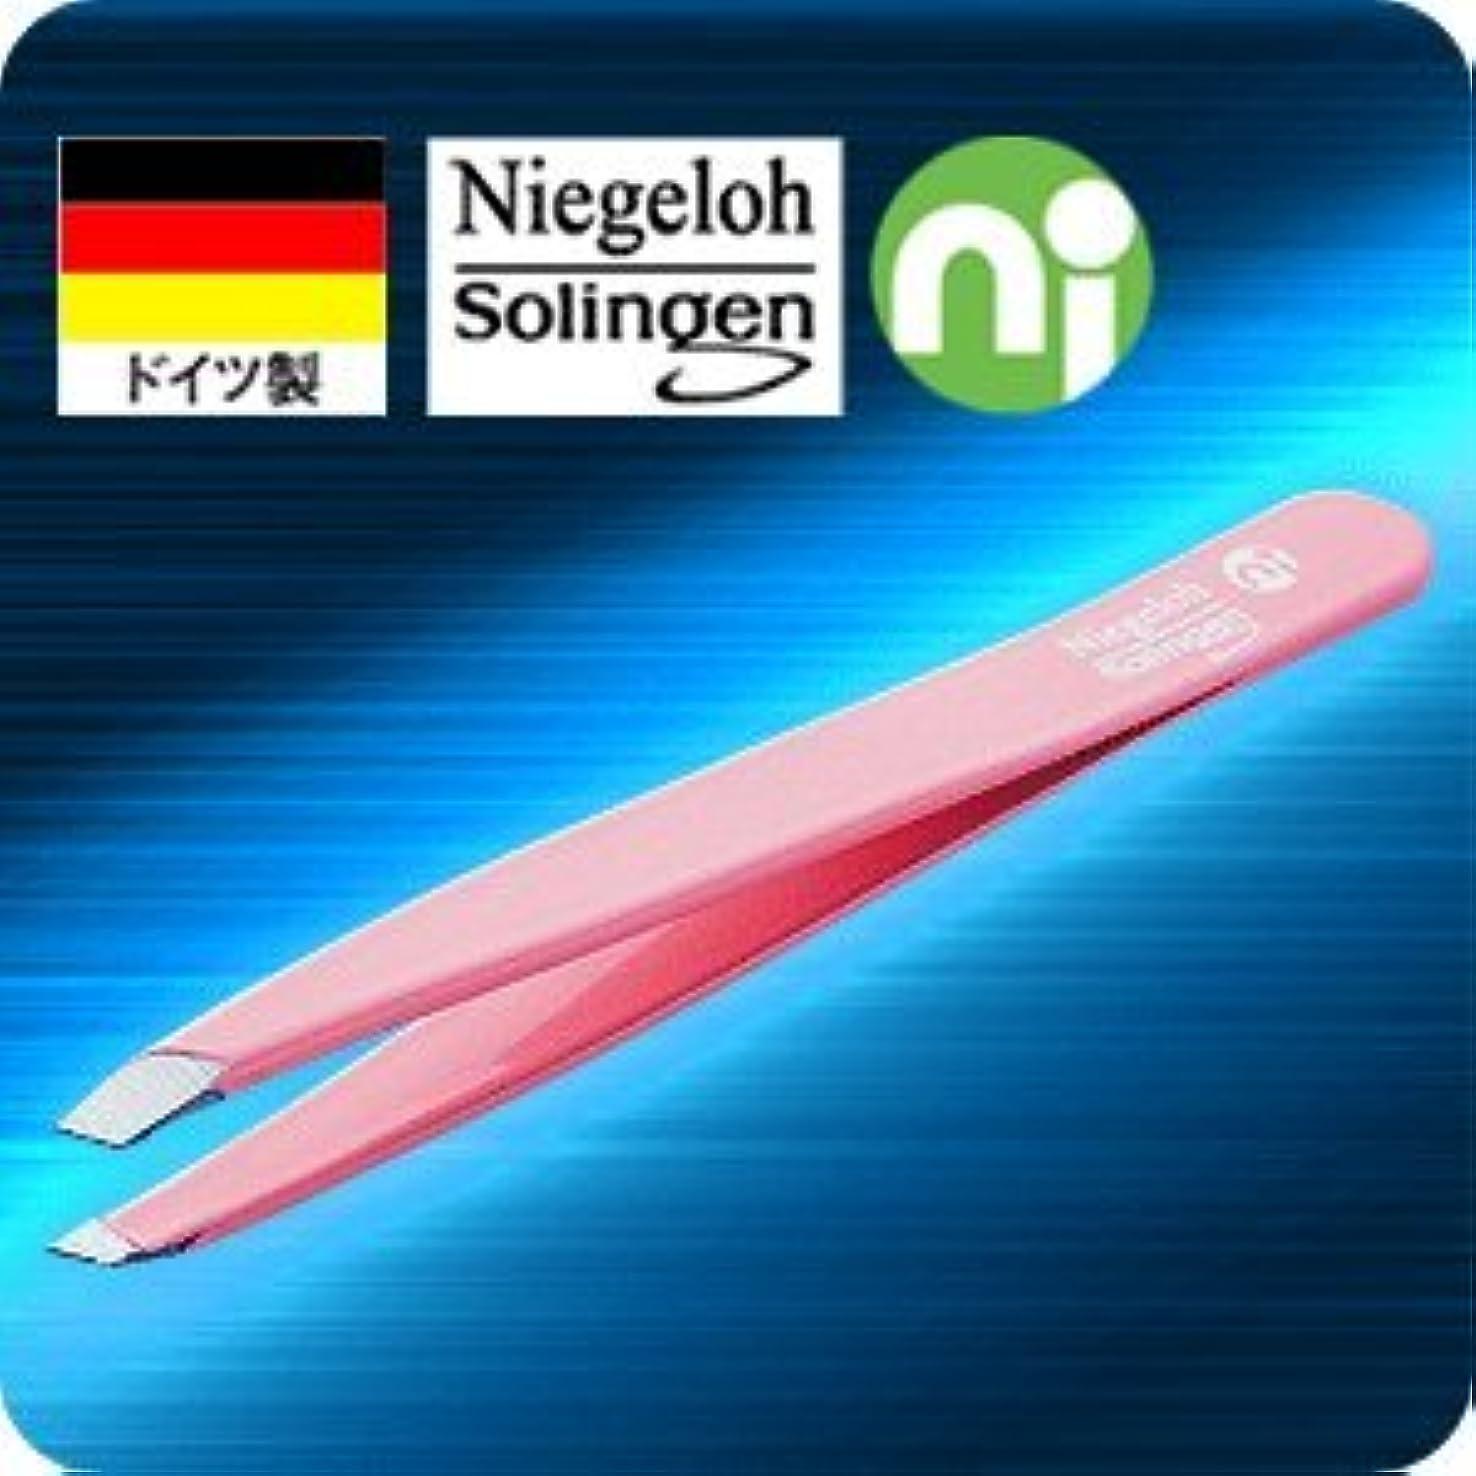 上向き定期的ユニークなドイツ ゾーリンゲンNiegeloh(ニゲロ社)のツイザー